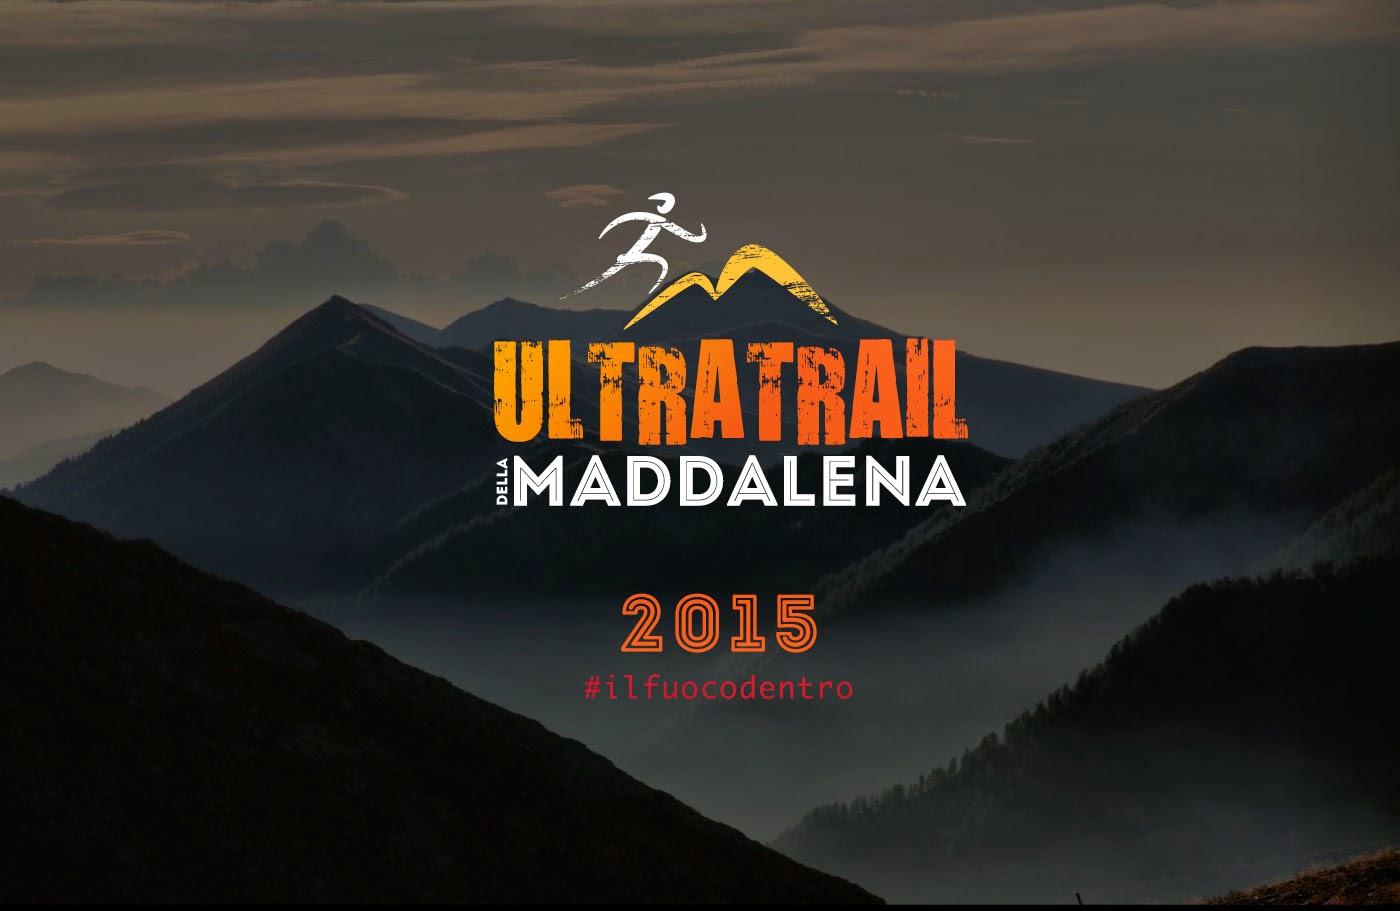 ULTRA TRAIL della MADDALENA